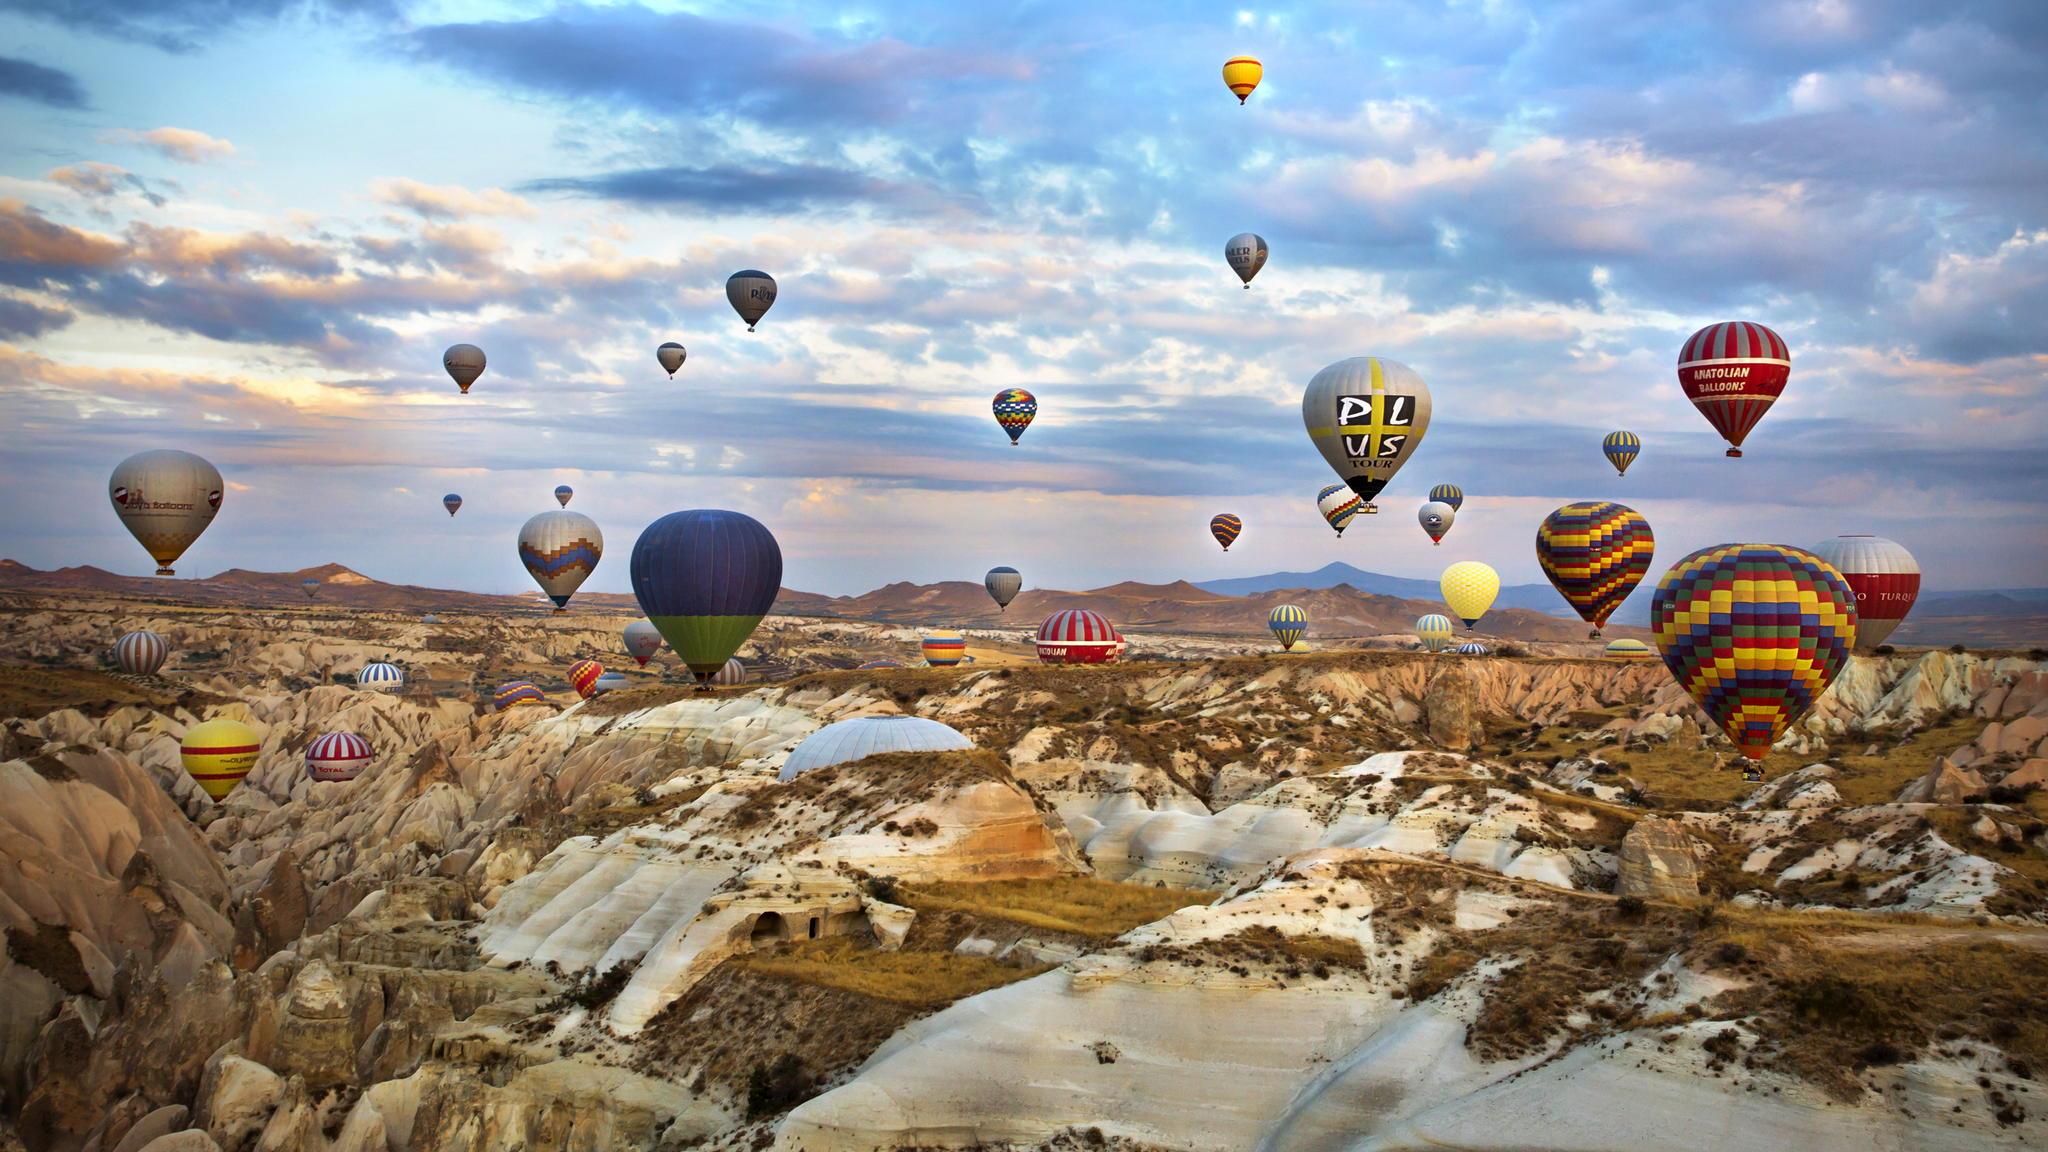 Cappadocia Private Hot Air Balloon Ride